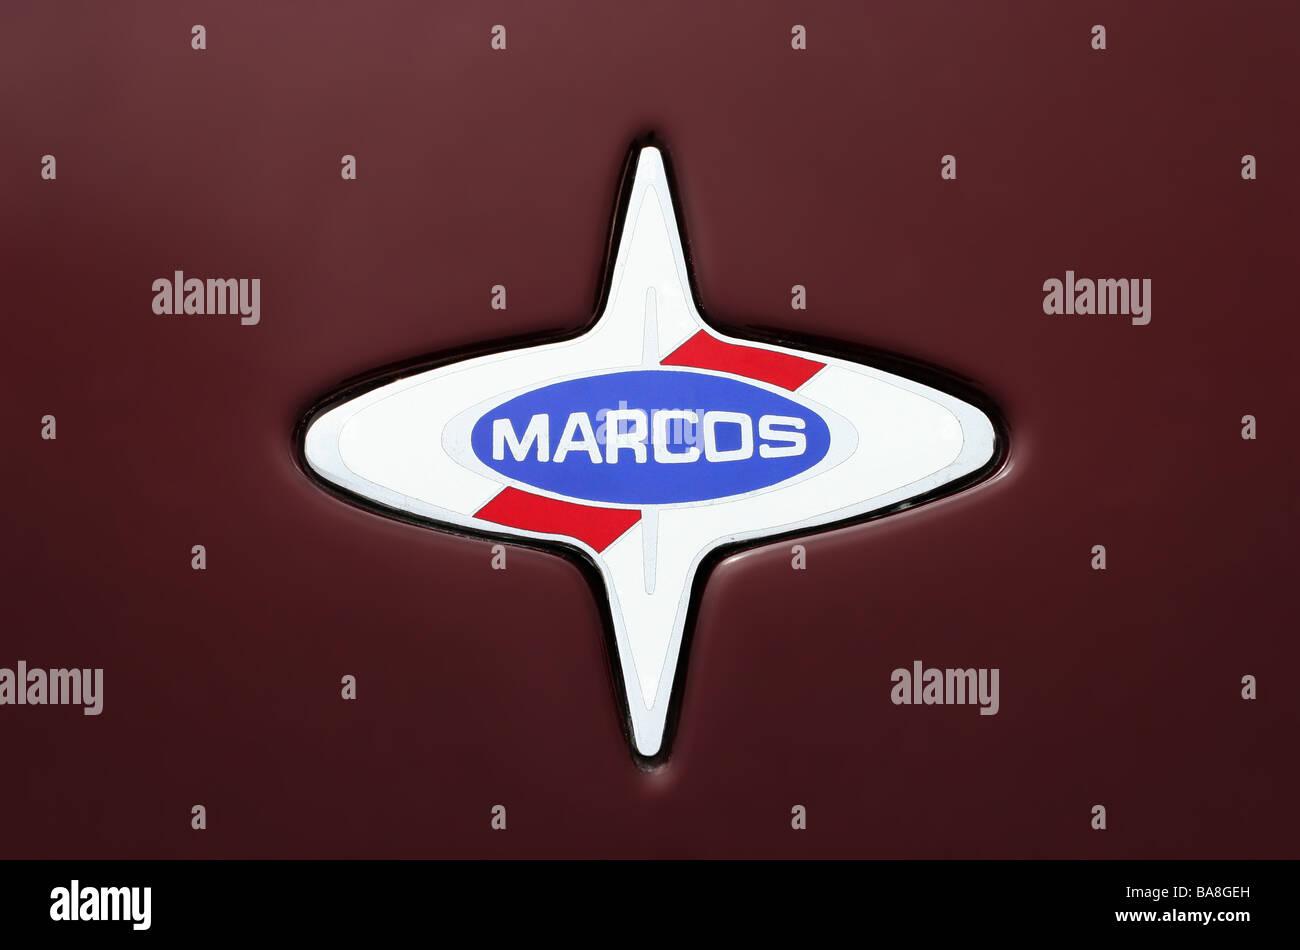 Abzeichen / Logo des untergegangenen großen britischen Sportwagen-Hersteller Marcos Stockbild